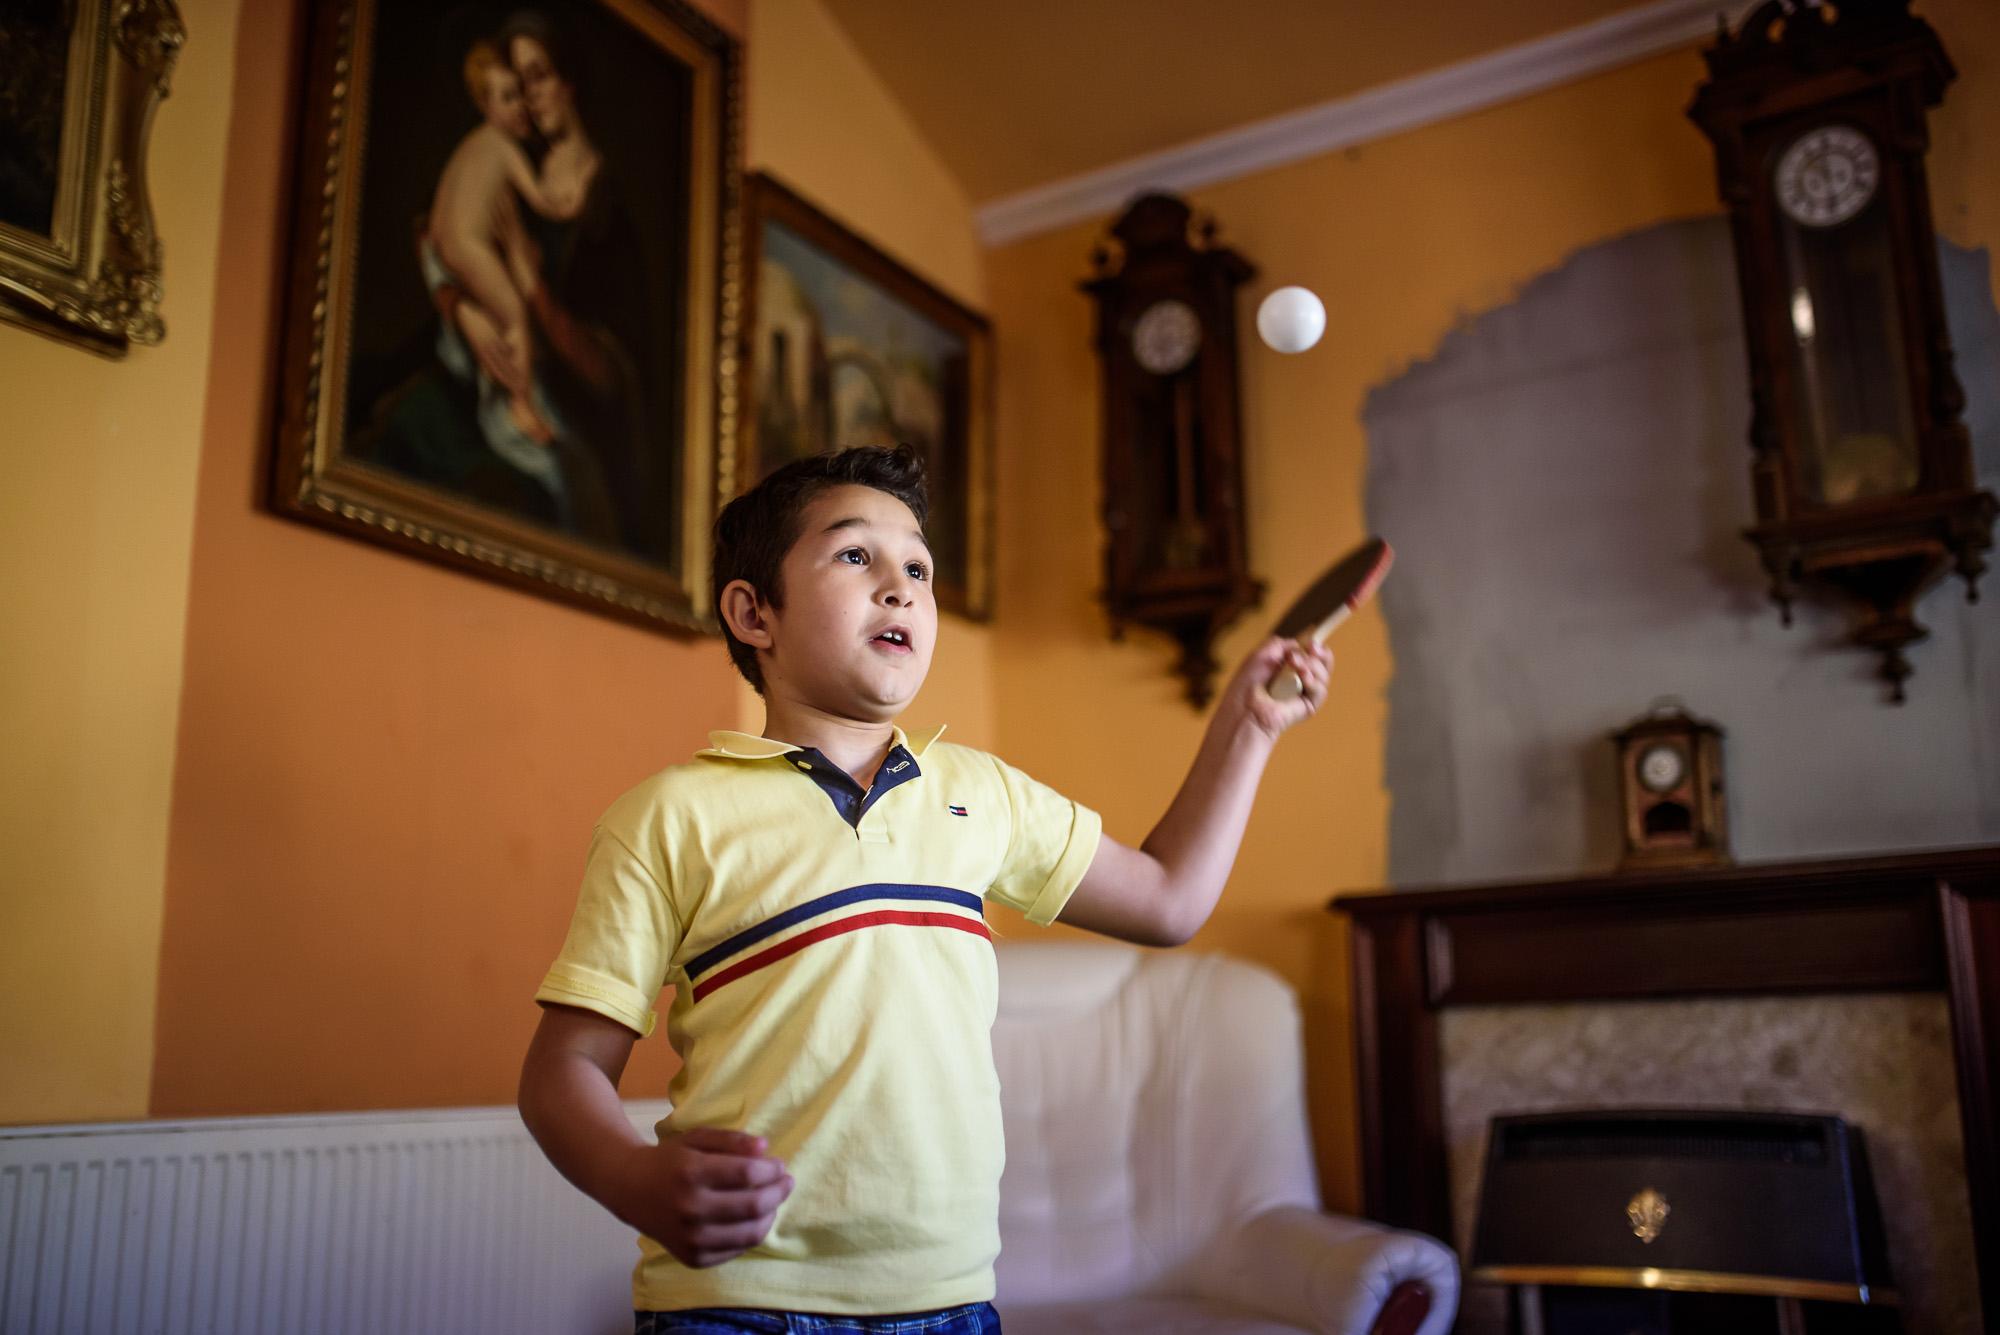 Egy nyolcéves kisfiú, aki hangjával bűvölte el az internet népét